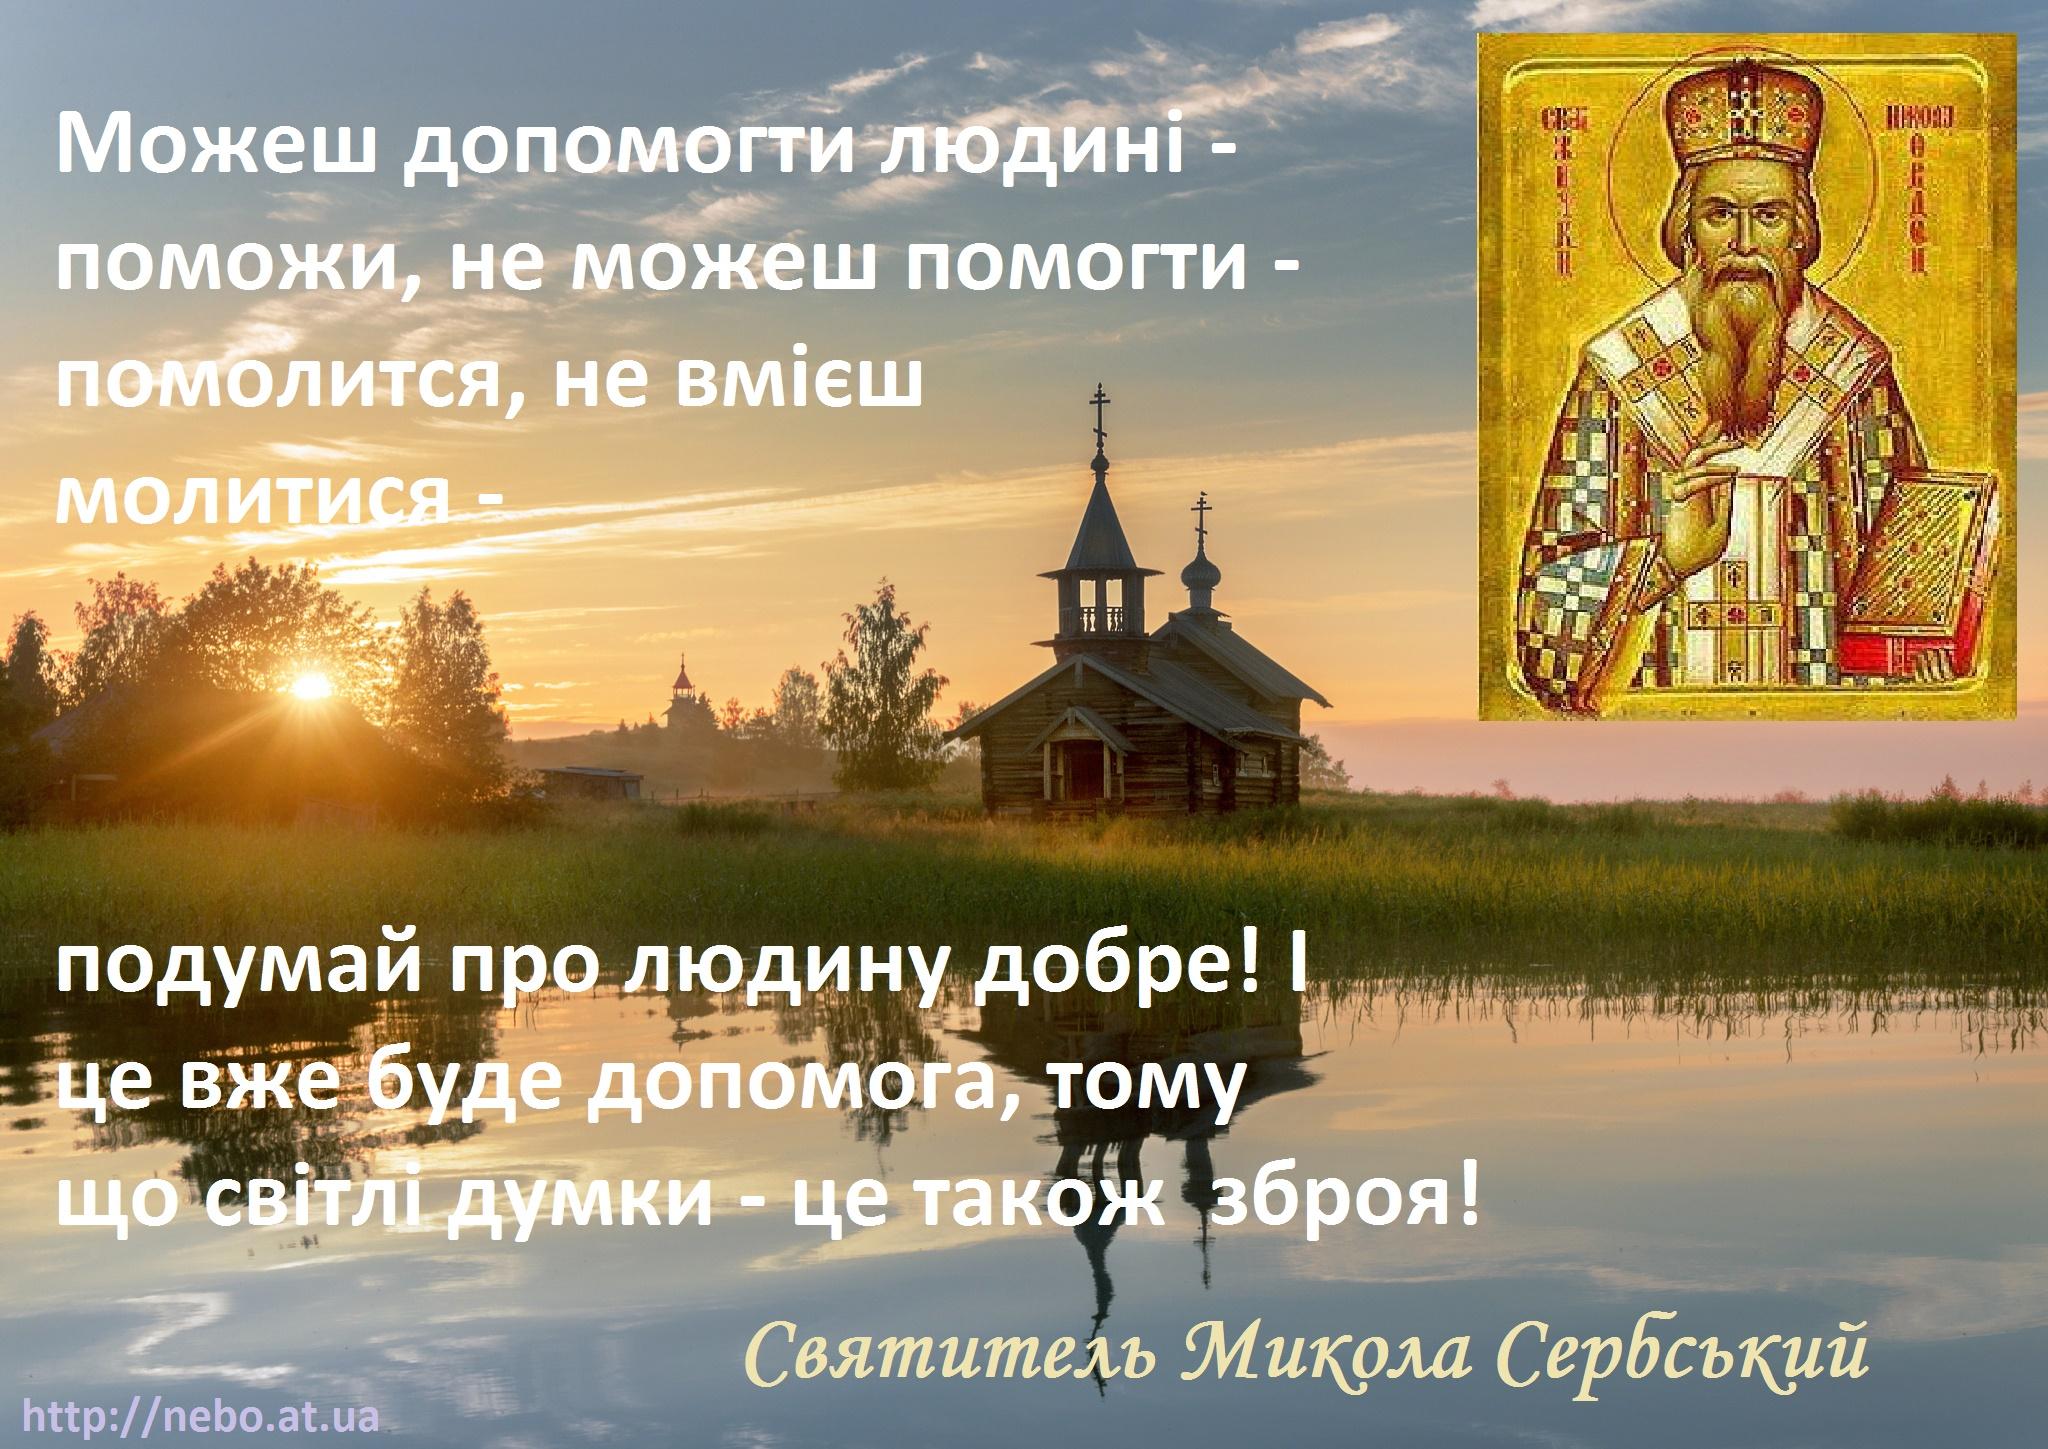 Православні цитати. Вислови святих отців. Святитель Микола Сербський. Про допомогу людині